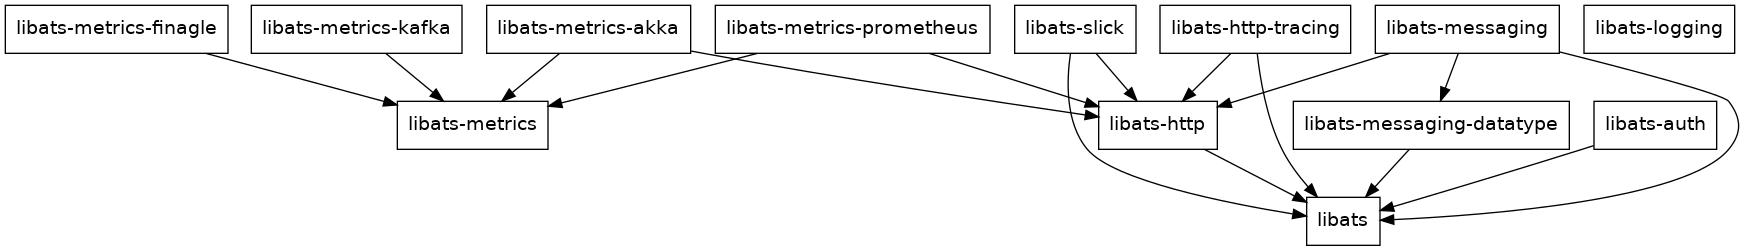 libats dependencies